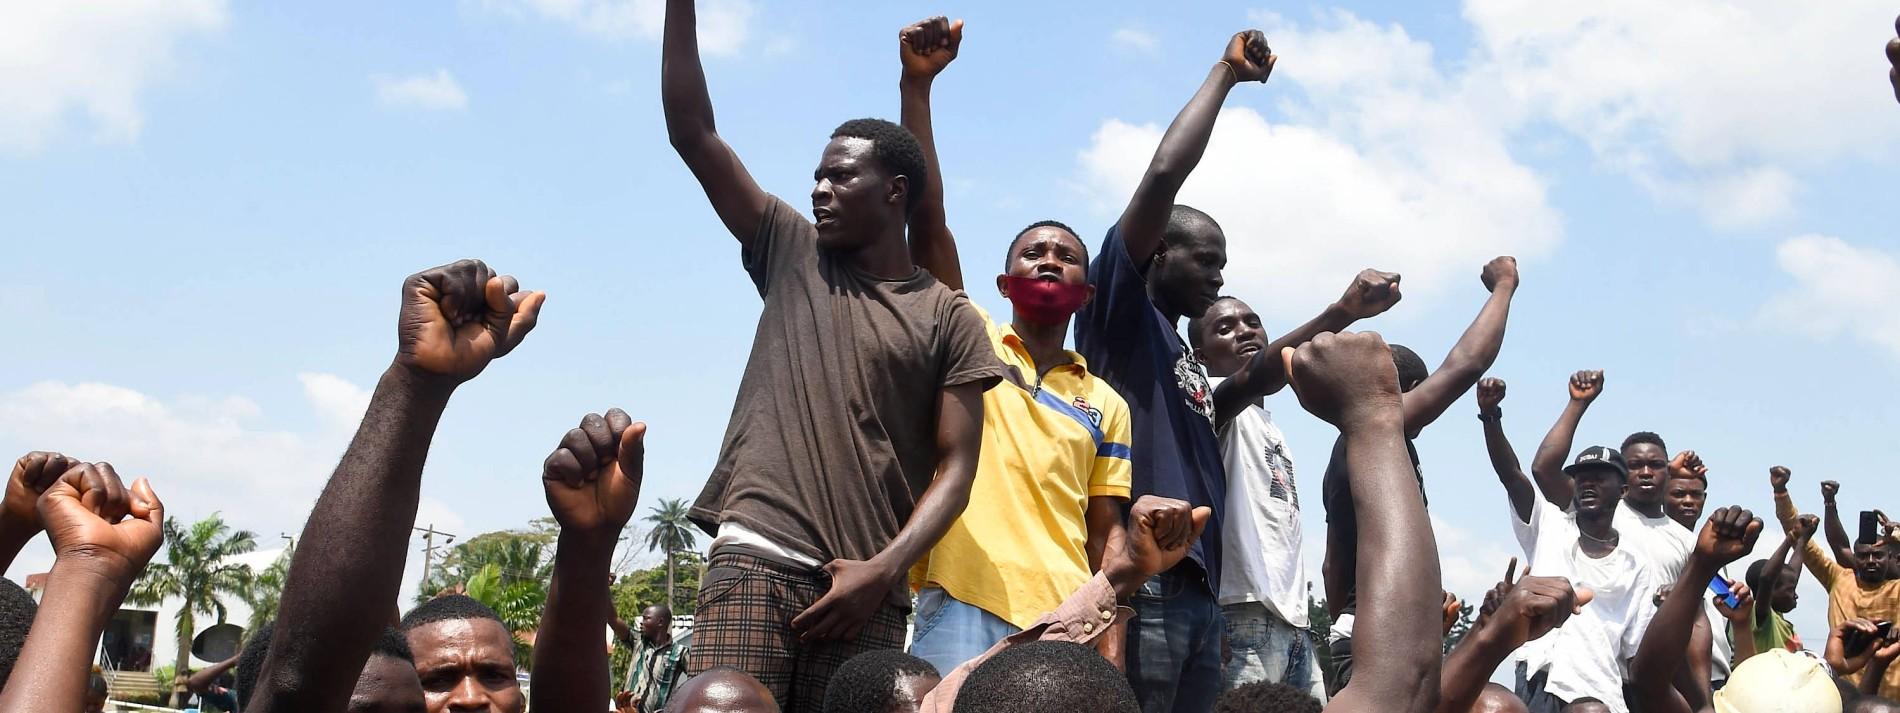 Eine Protestbewegung wird in Blut ertränkt